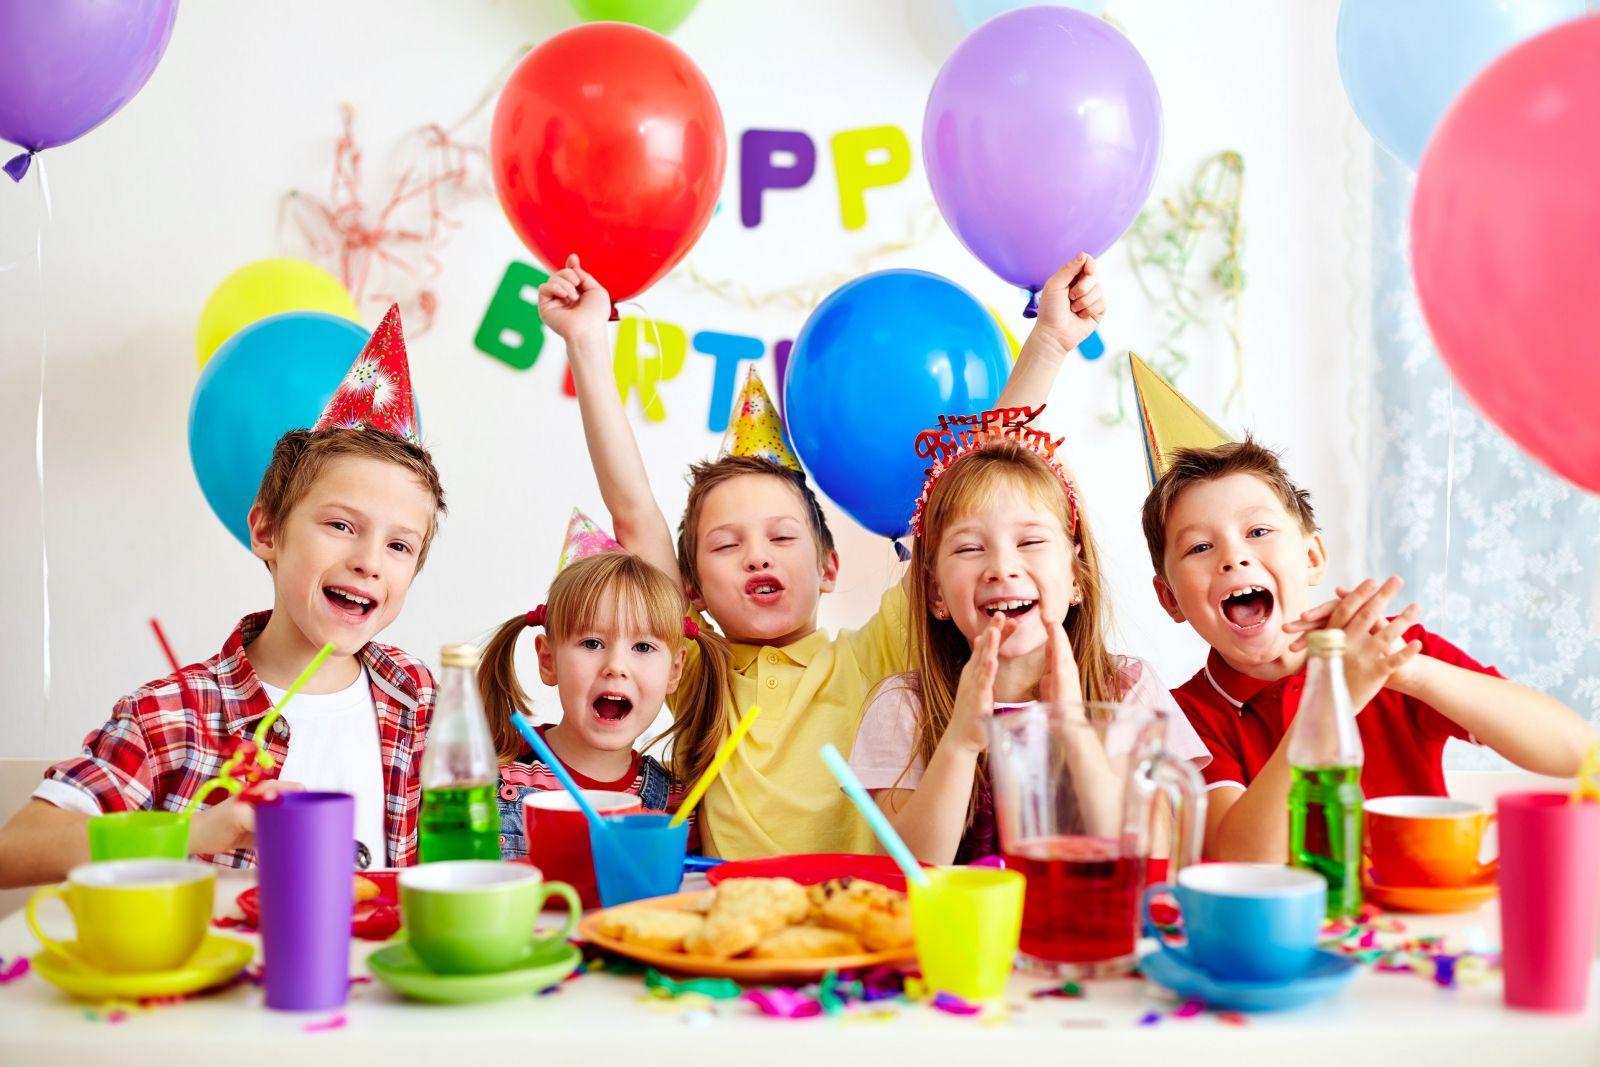 Смешные картинки детского праздника, поздравление днем